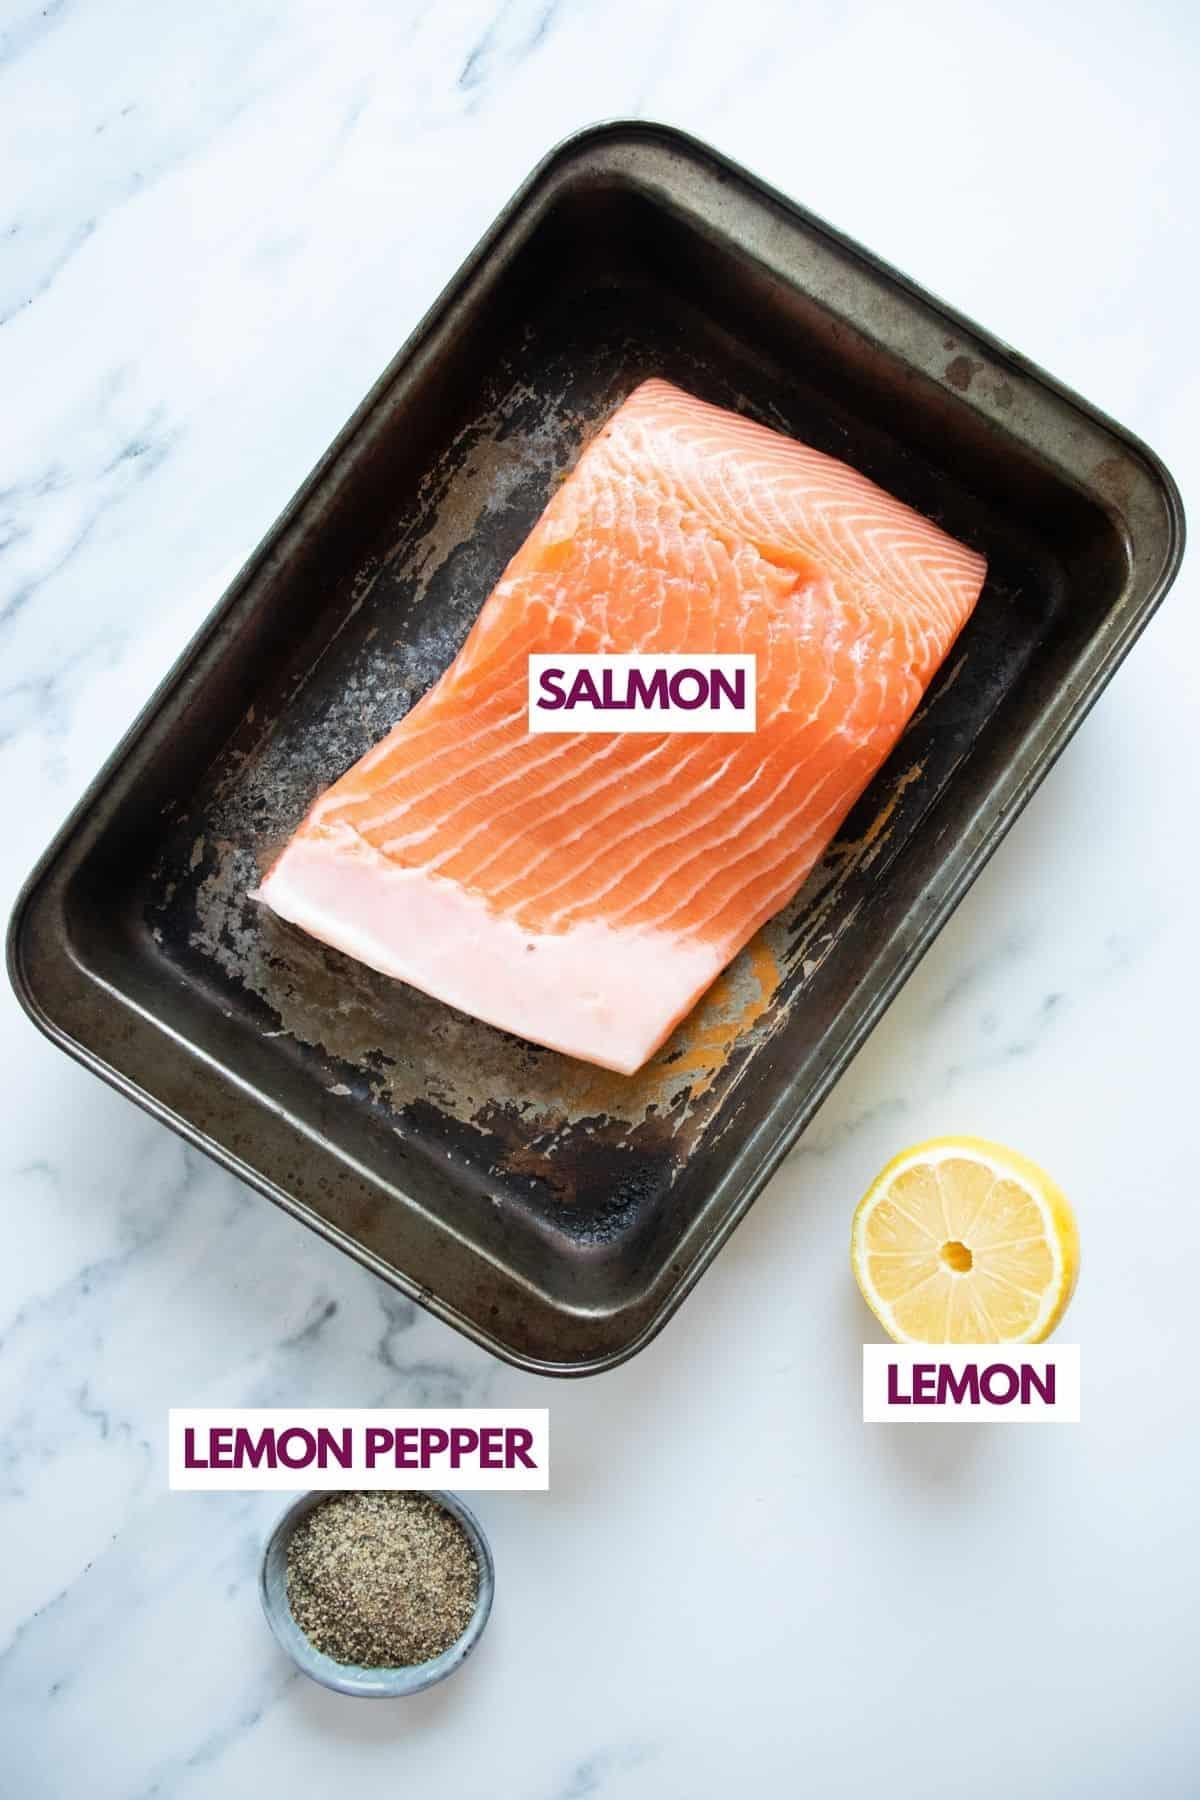 ingredients for lemon pepper salmon